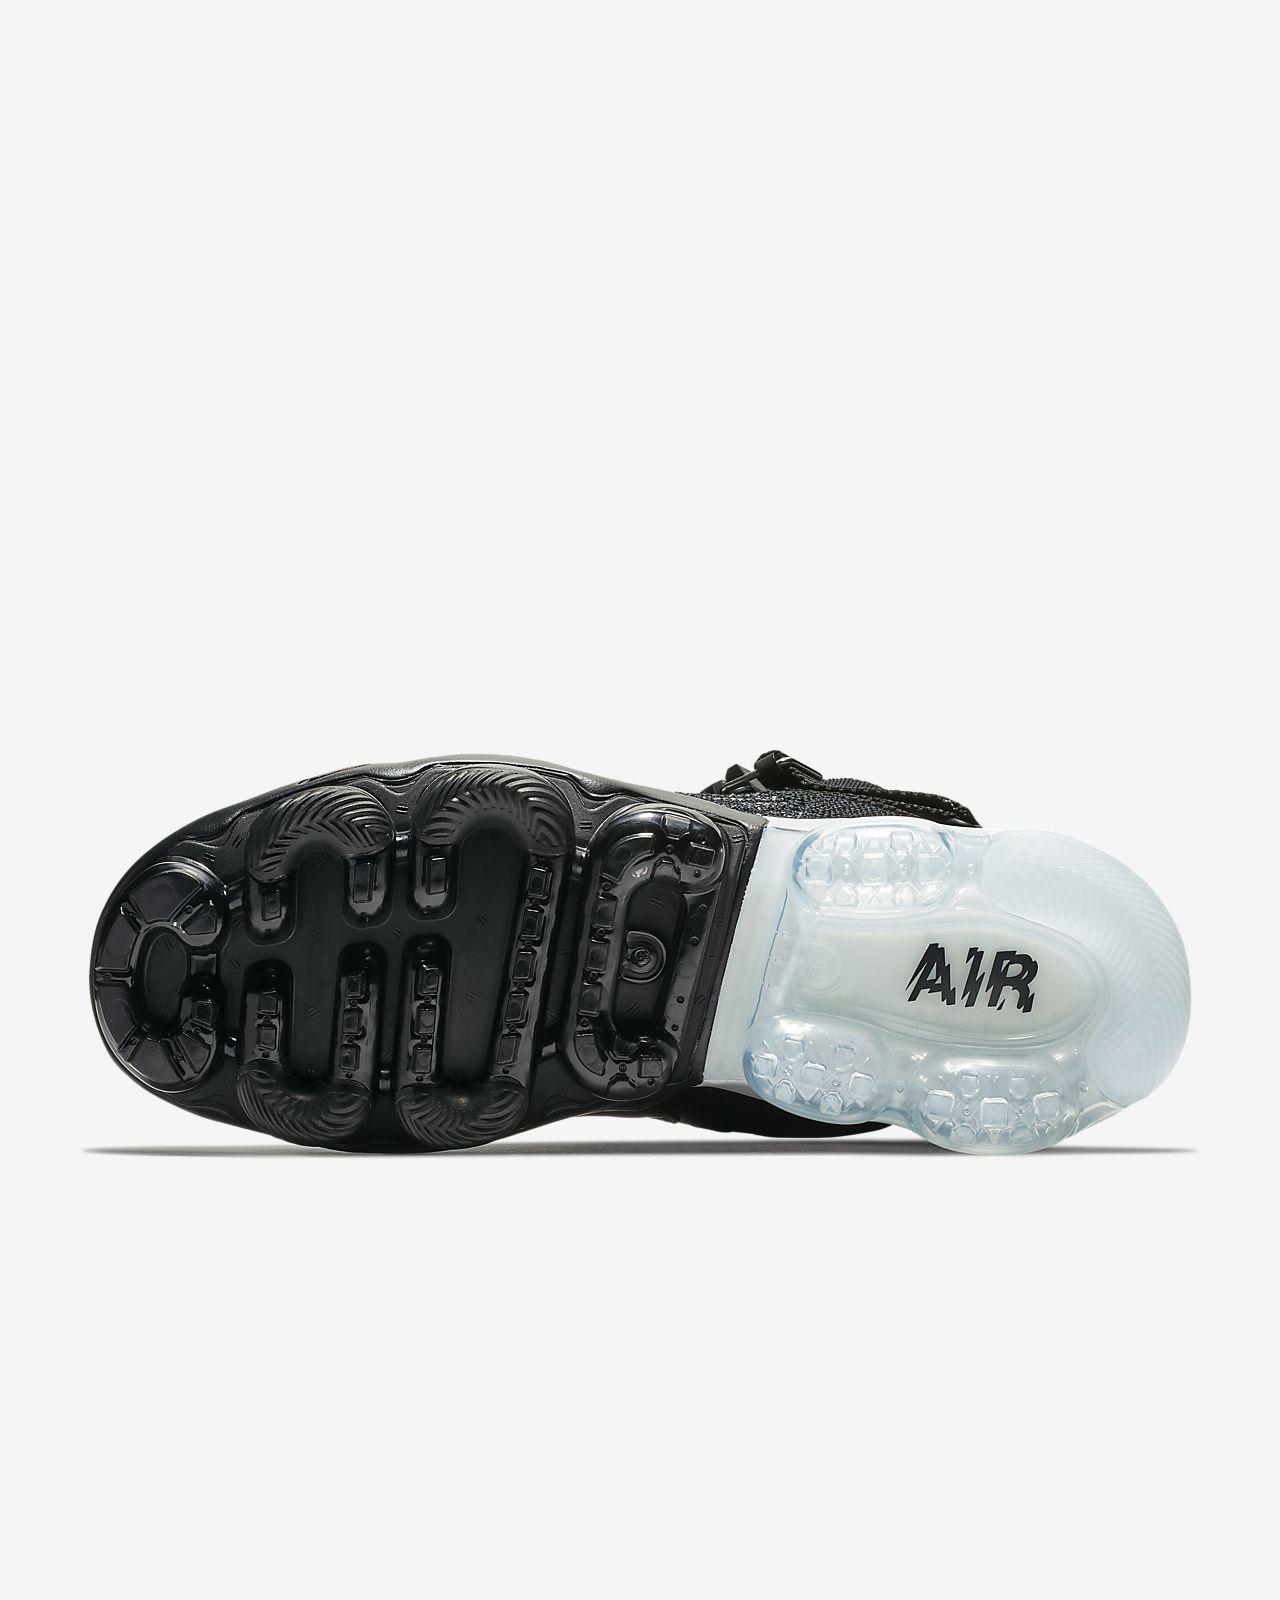 san francisco c9d96 de237 ... Nike Air VaporMax Premier Flyknit Men s Shoe